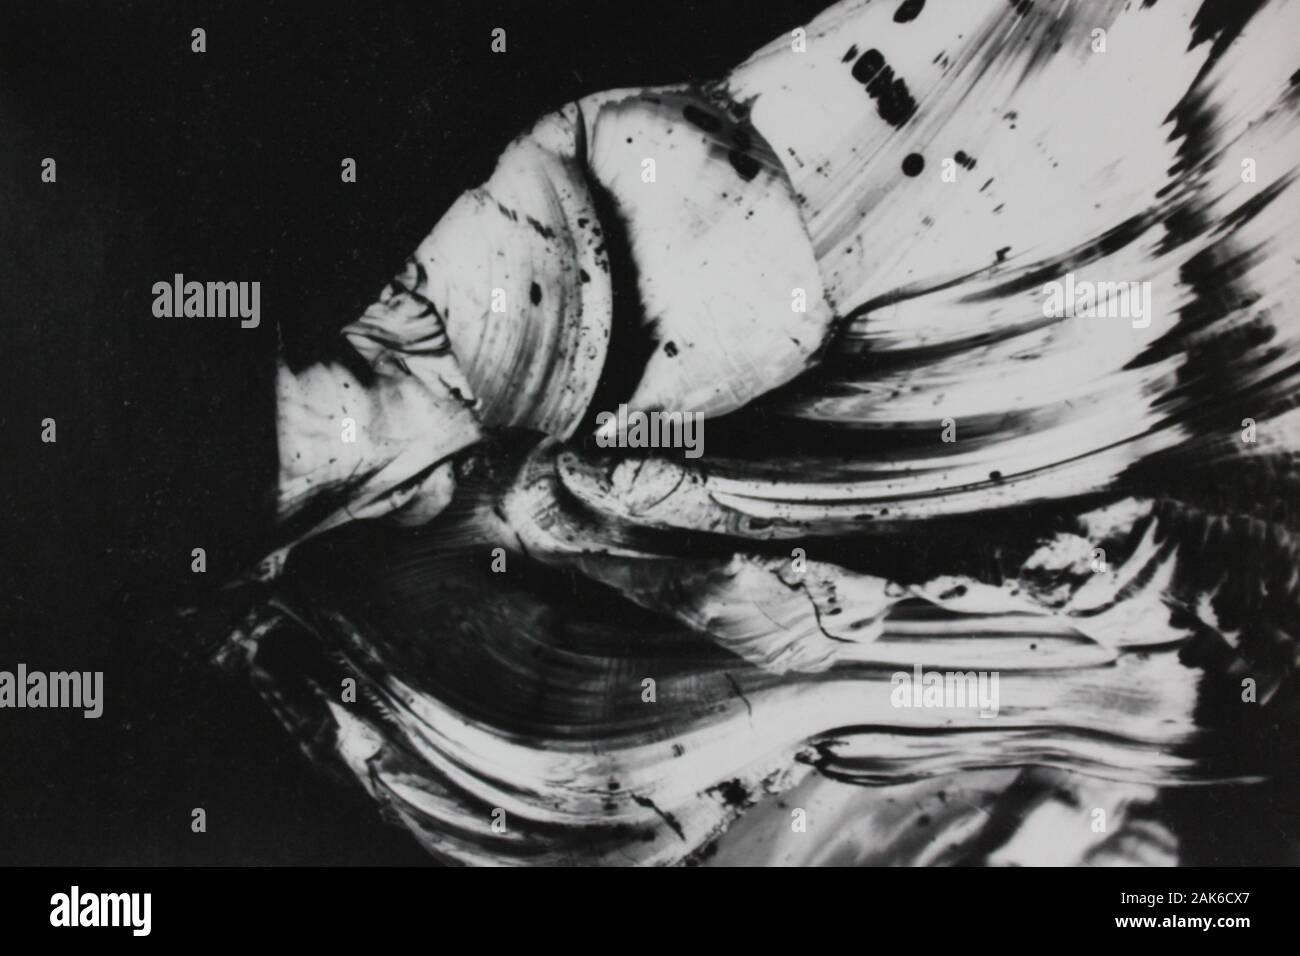 70 fino blanco y negro fotografía abstracta teórica extrema Foto de stock